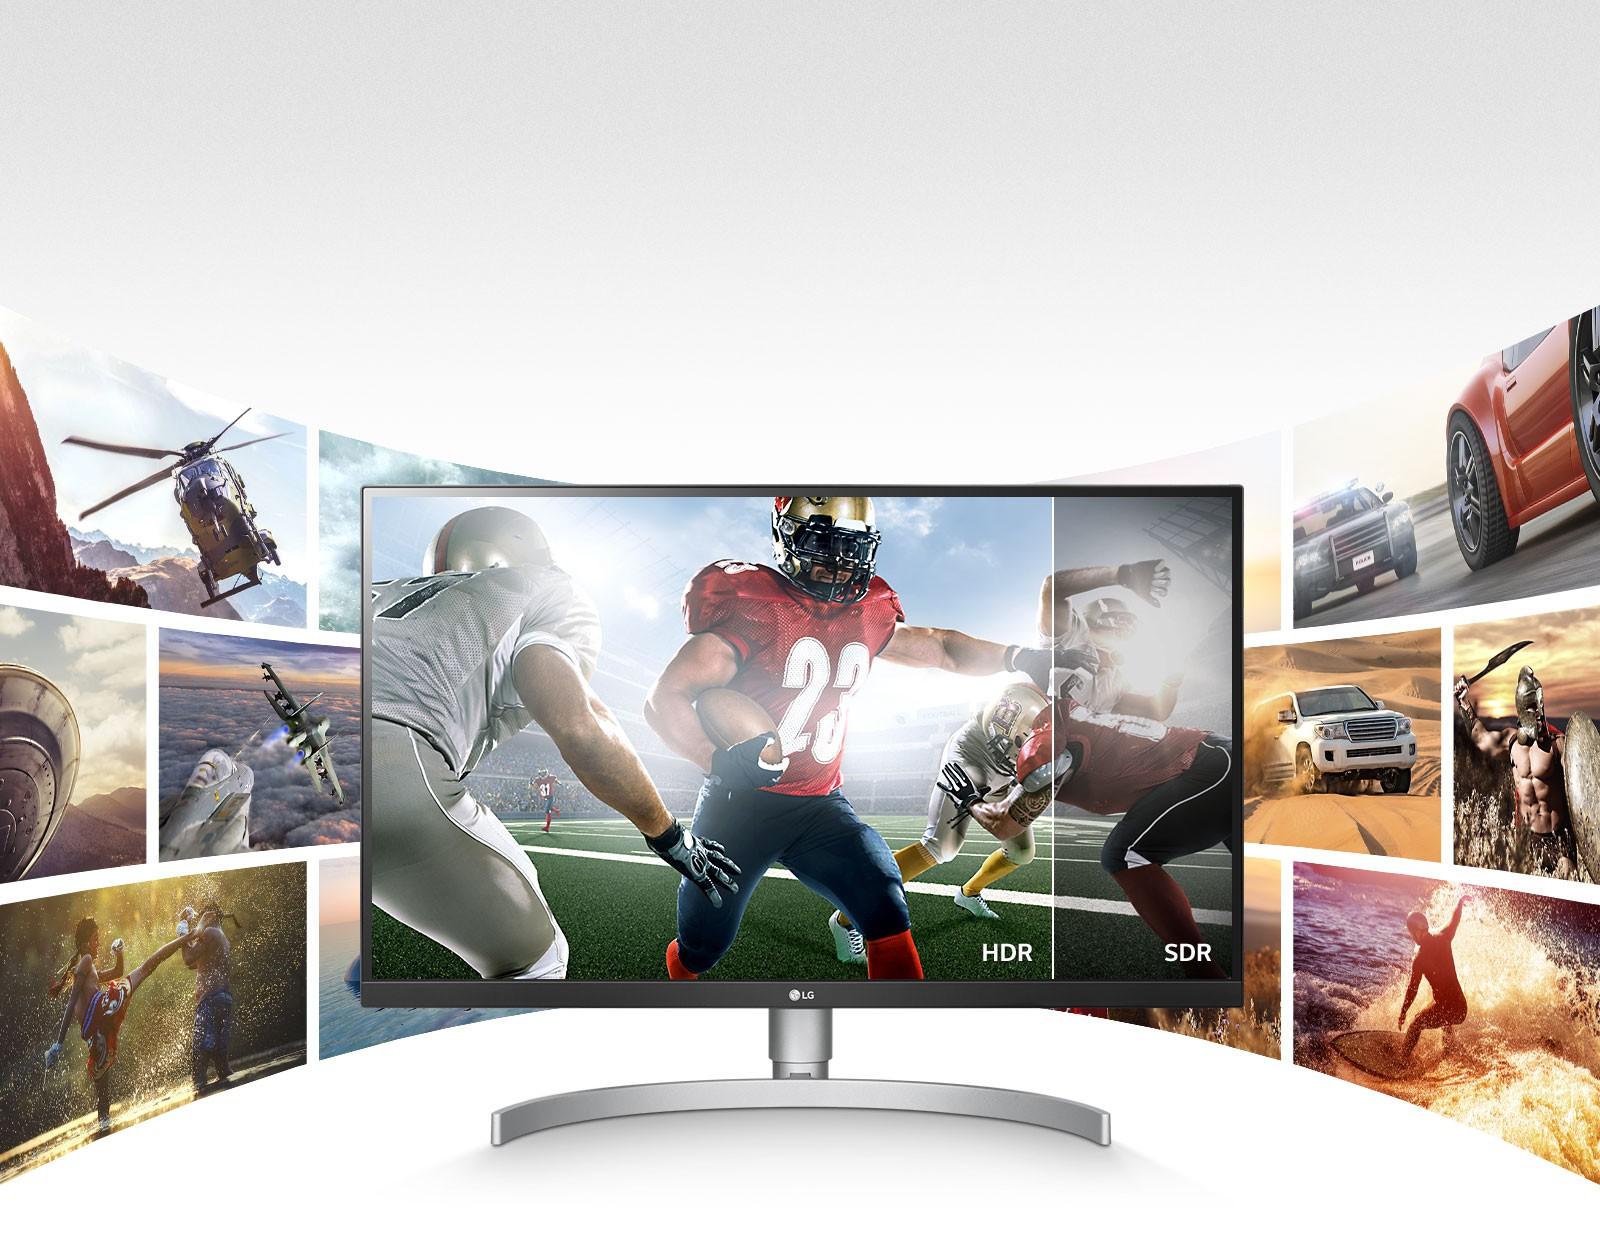 Cày phim thả ga với top màn hình LG siêu khủng - Ảnh 3.